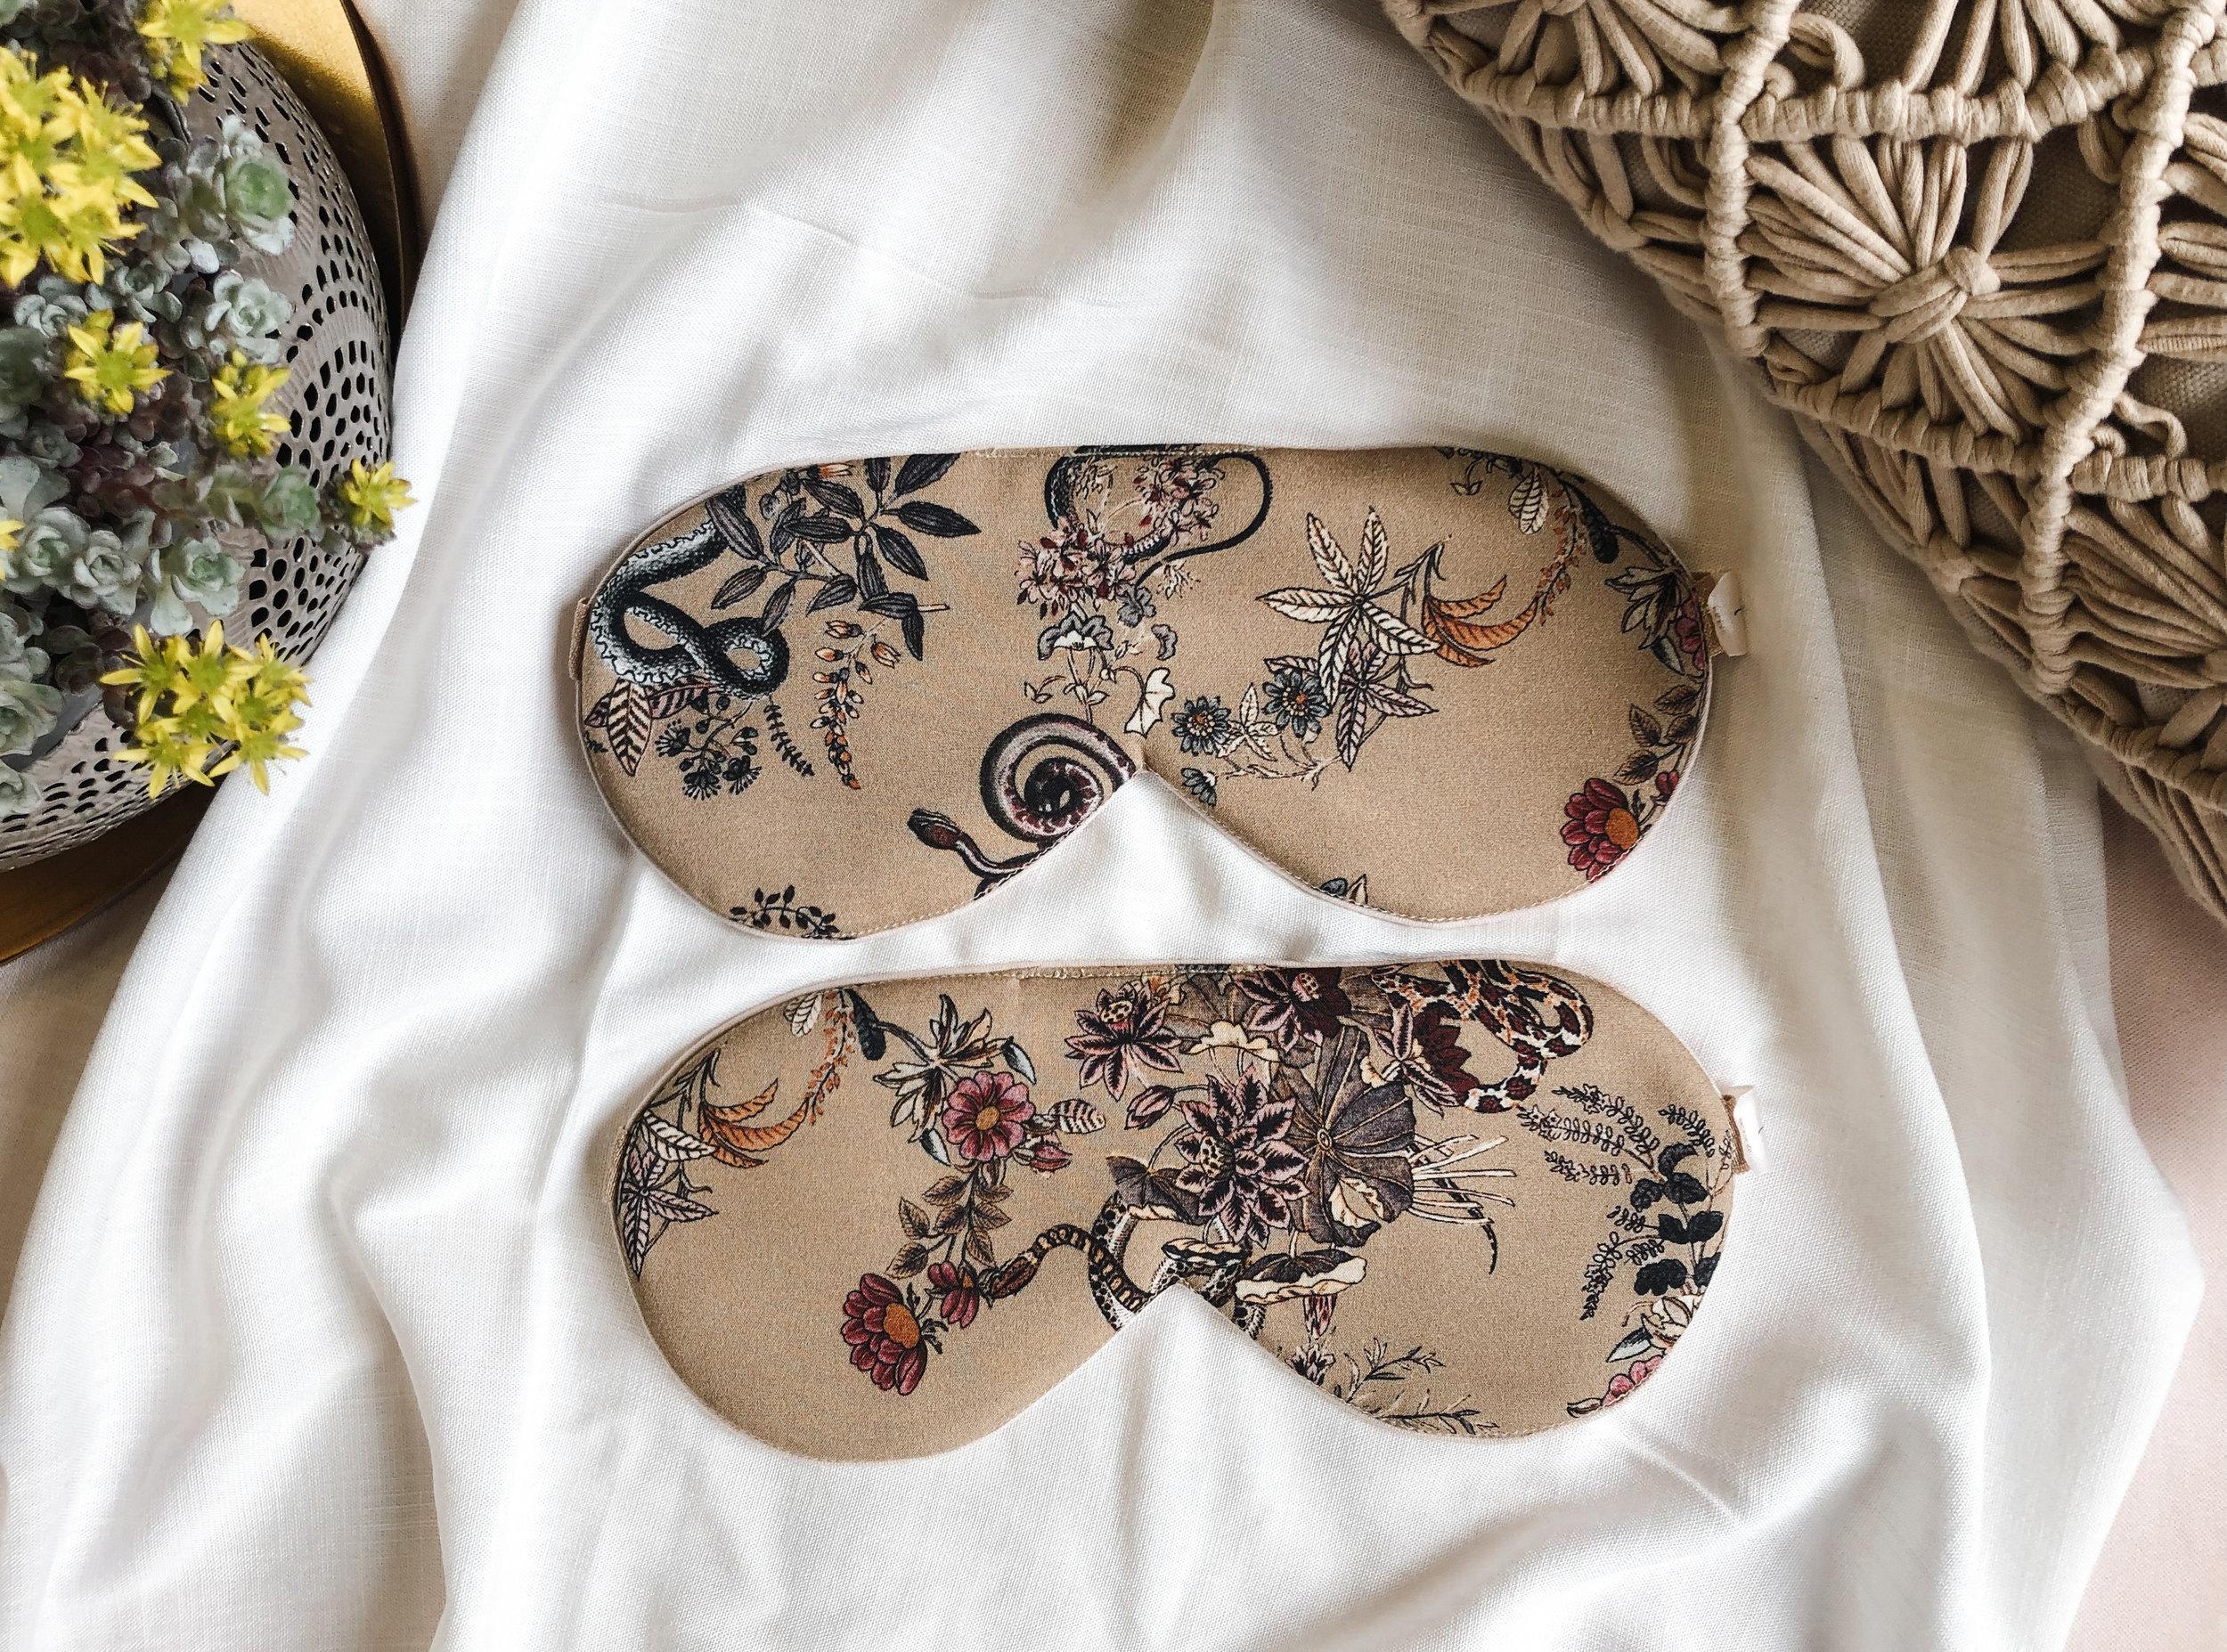 Matching sleep mask